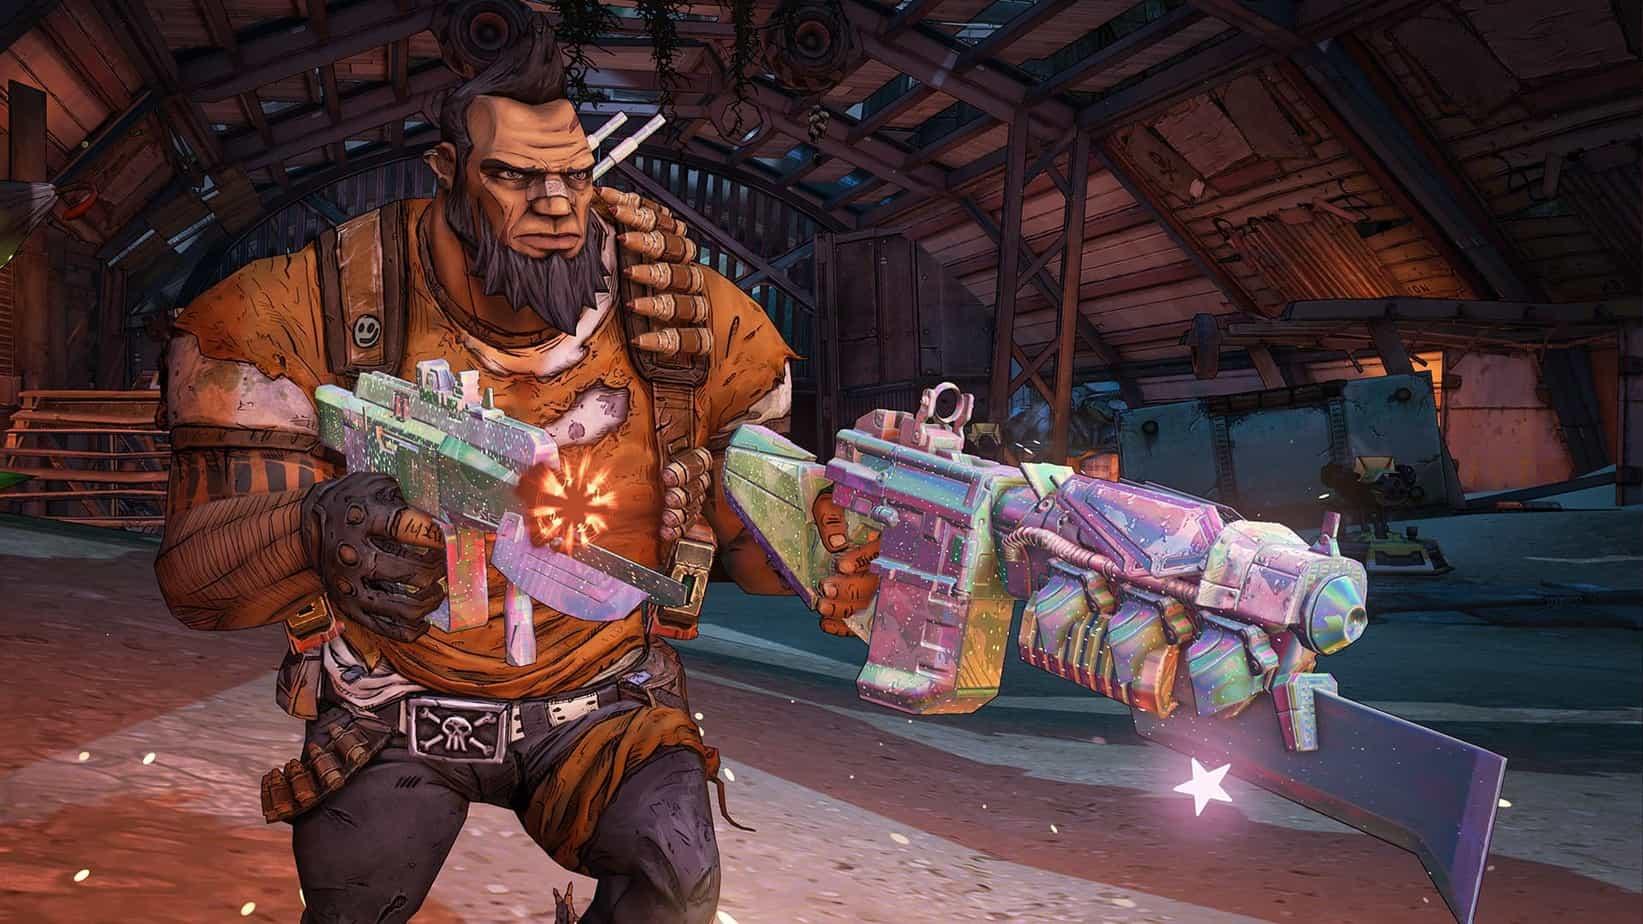 Borderlands 2 Commander Lilith & The Fight For Sanctuary персонажи